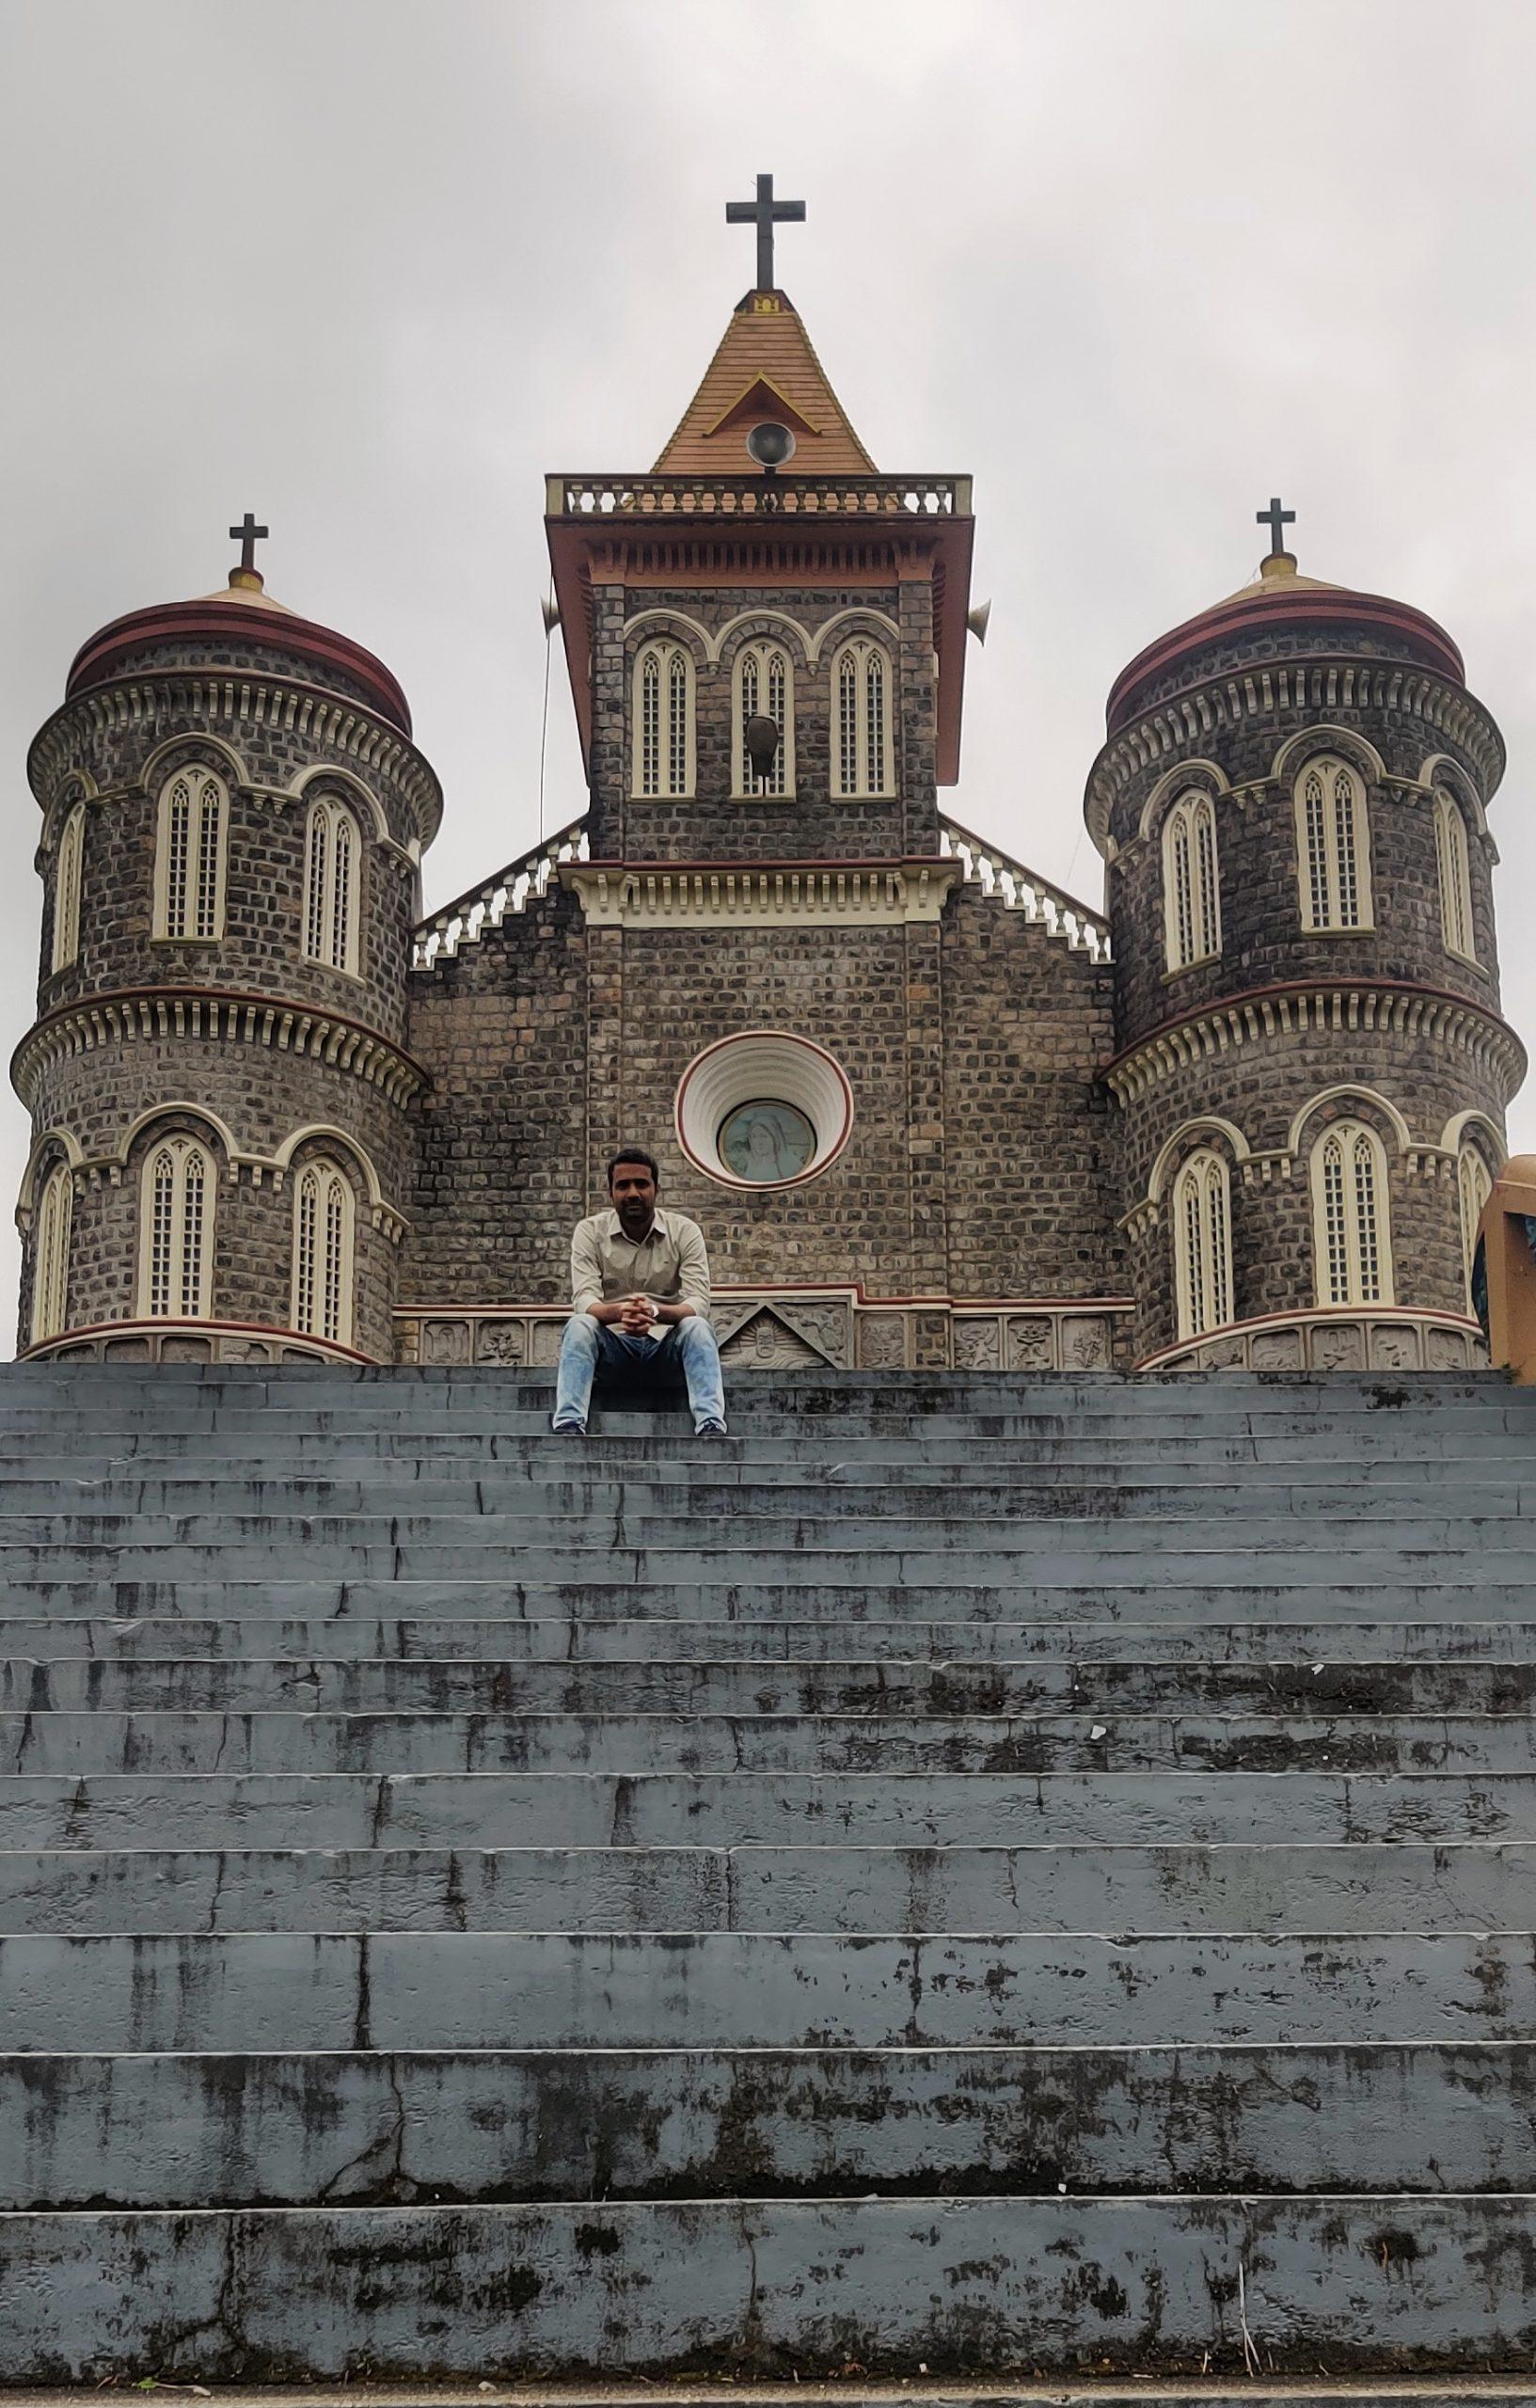 A man and church